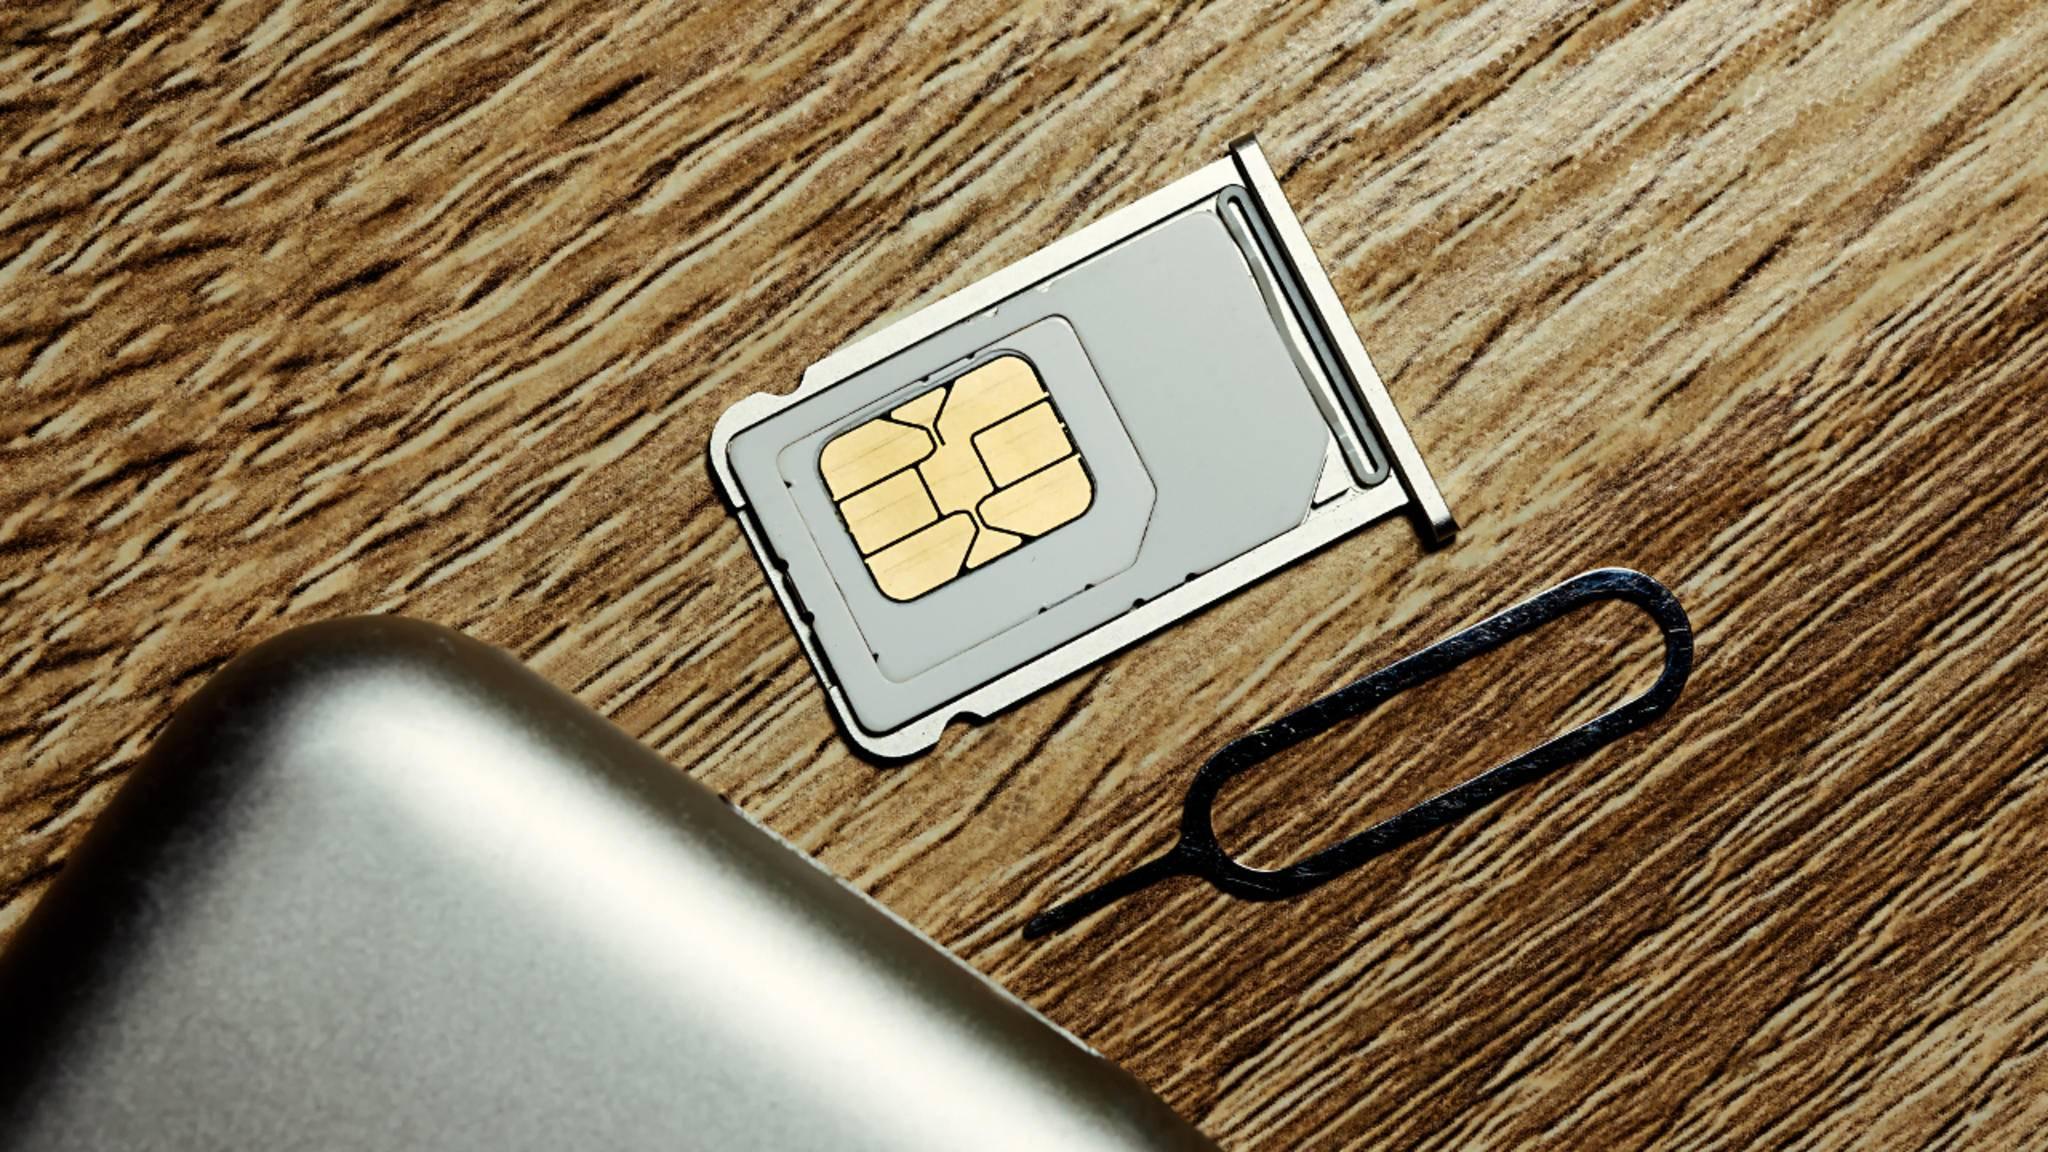 iphone sim karte wechseln ohne werkzeug Beim iPhone SIM Karte wechseln ohne Werkzeug: 5 Mittel, die jeder hat